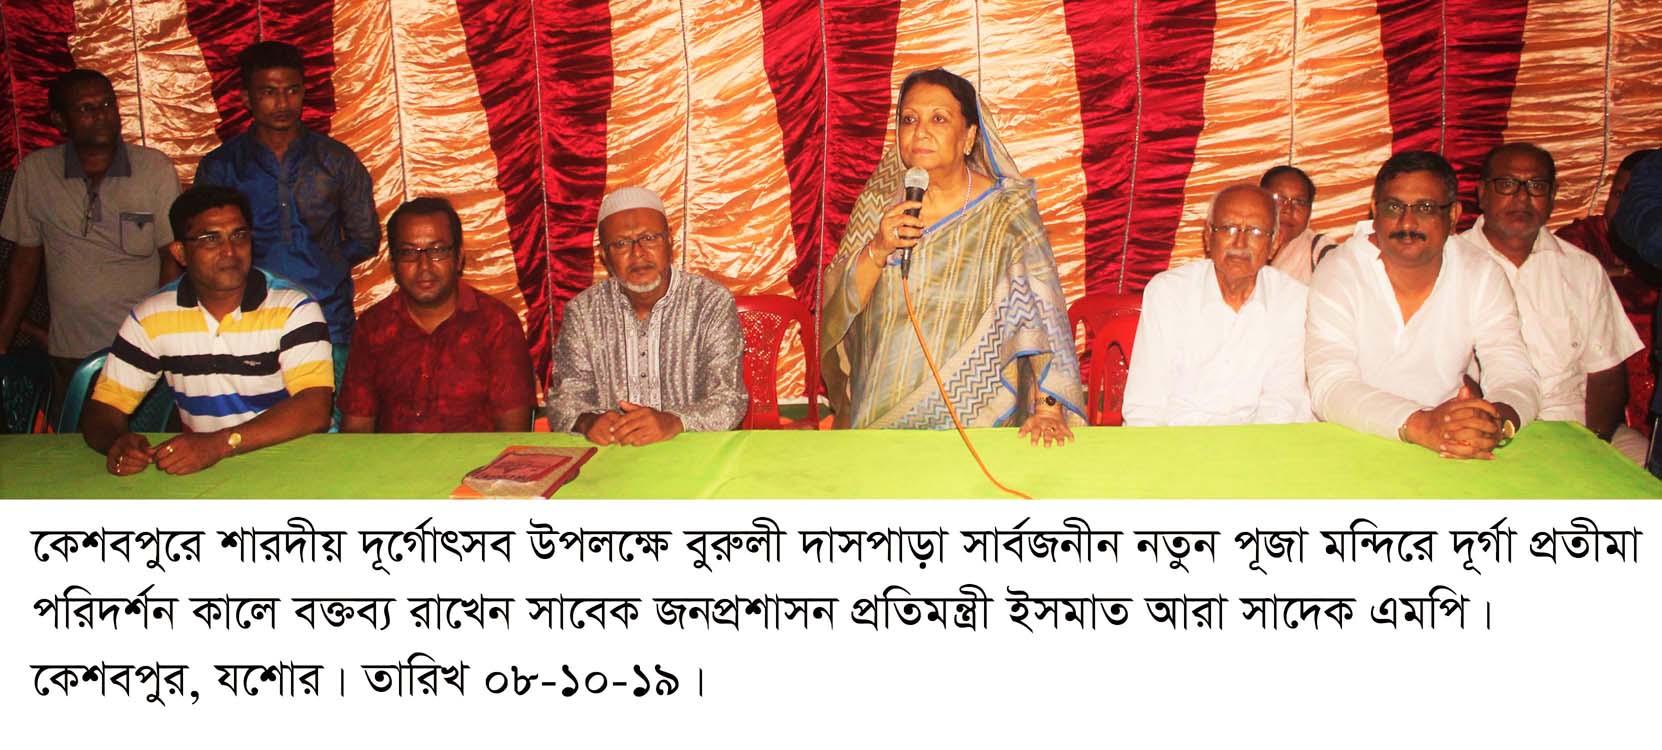 কেশবপুরে এমপি ইসমাত আরা সাদেকের পূজা মন্ডপ পরিদর্শন